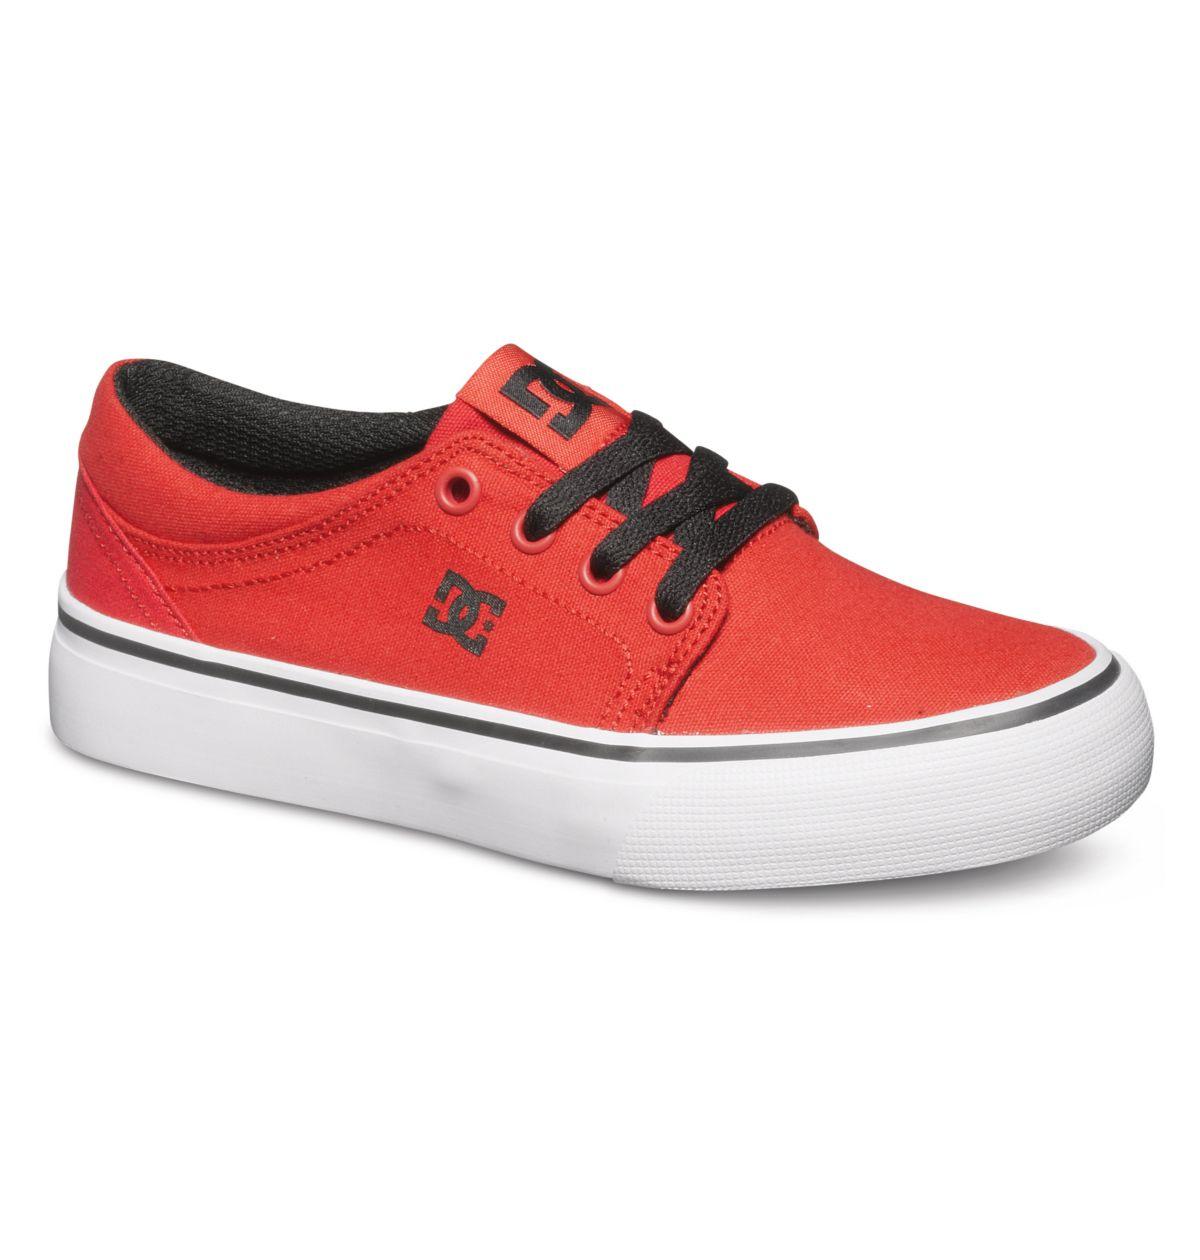 DC Shoes Low Tops »Nyjah Vulc Tx«